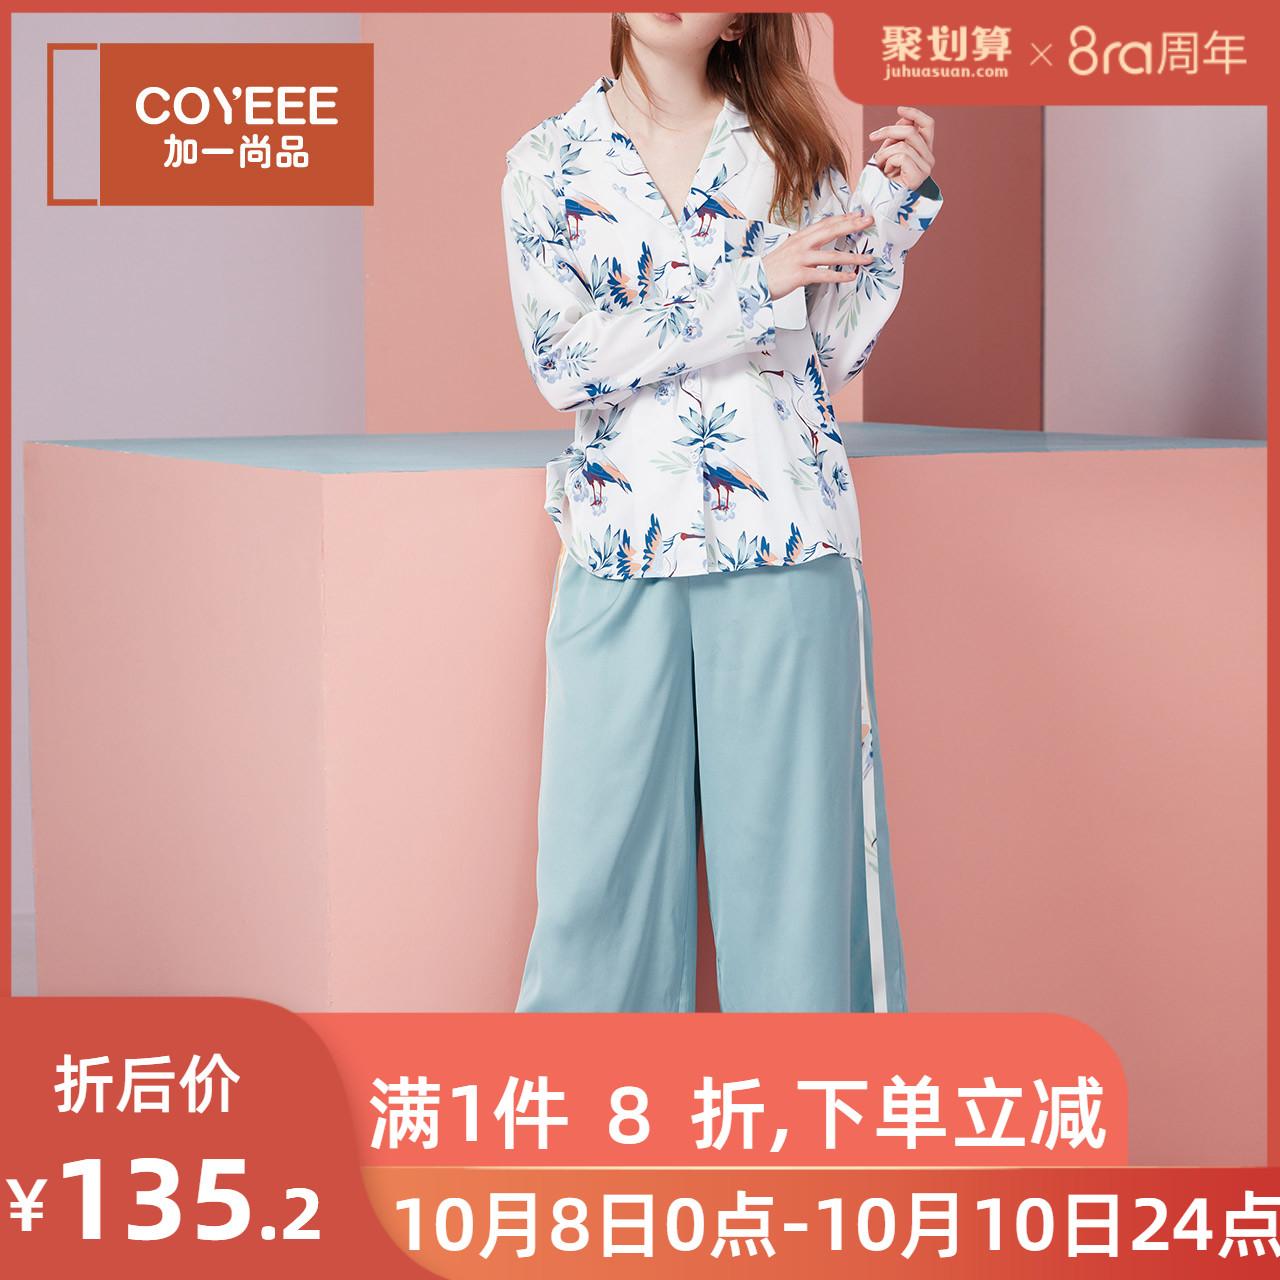 热销47件正品保证加一尚品仿真丝印花睡衣女夏季薄款V领长袖外穿家居服套装H50-005